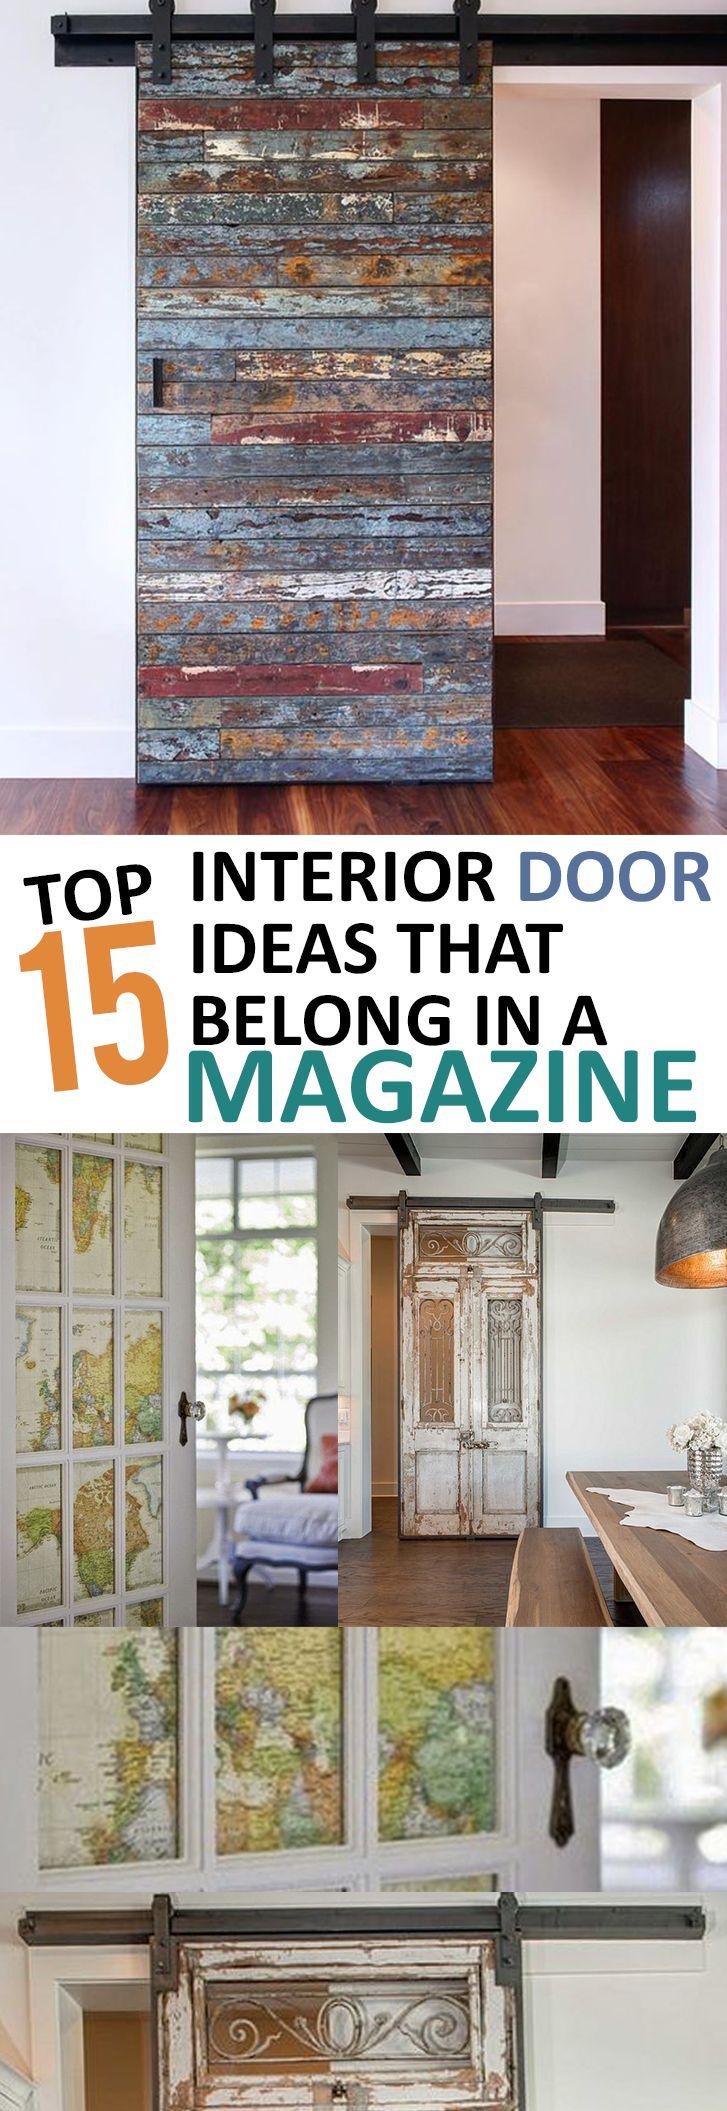 Top 15 Interior Door Ideas that Belong in a Magazine